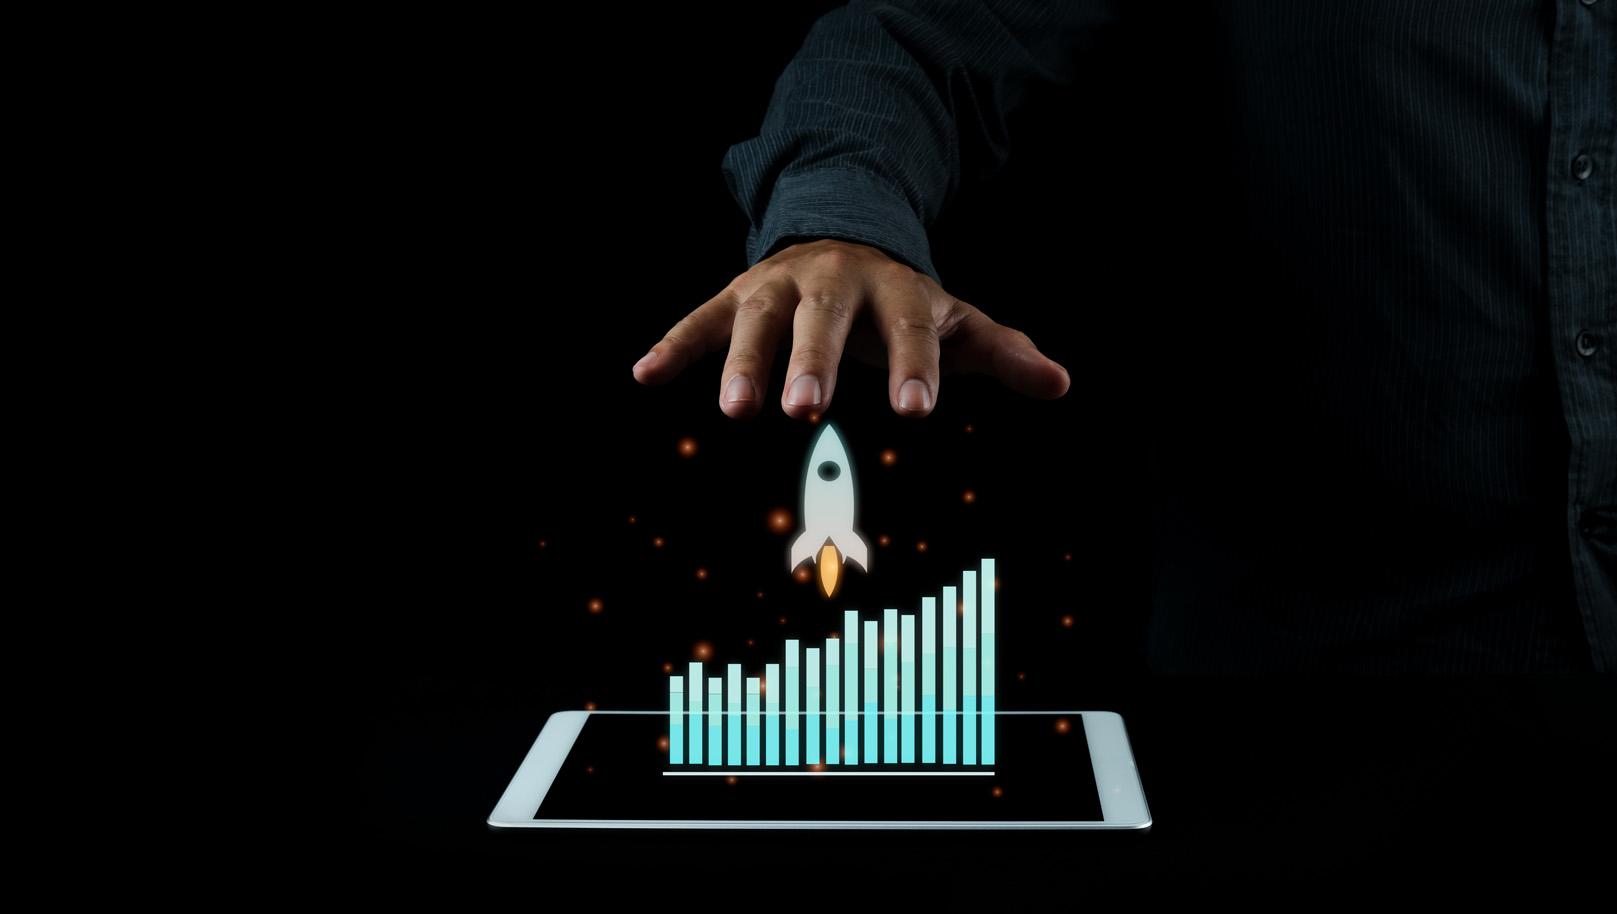 Pozycjonowanie stron internetowych - monitorowanie pozycji